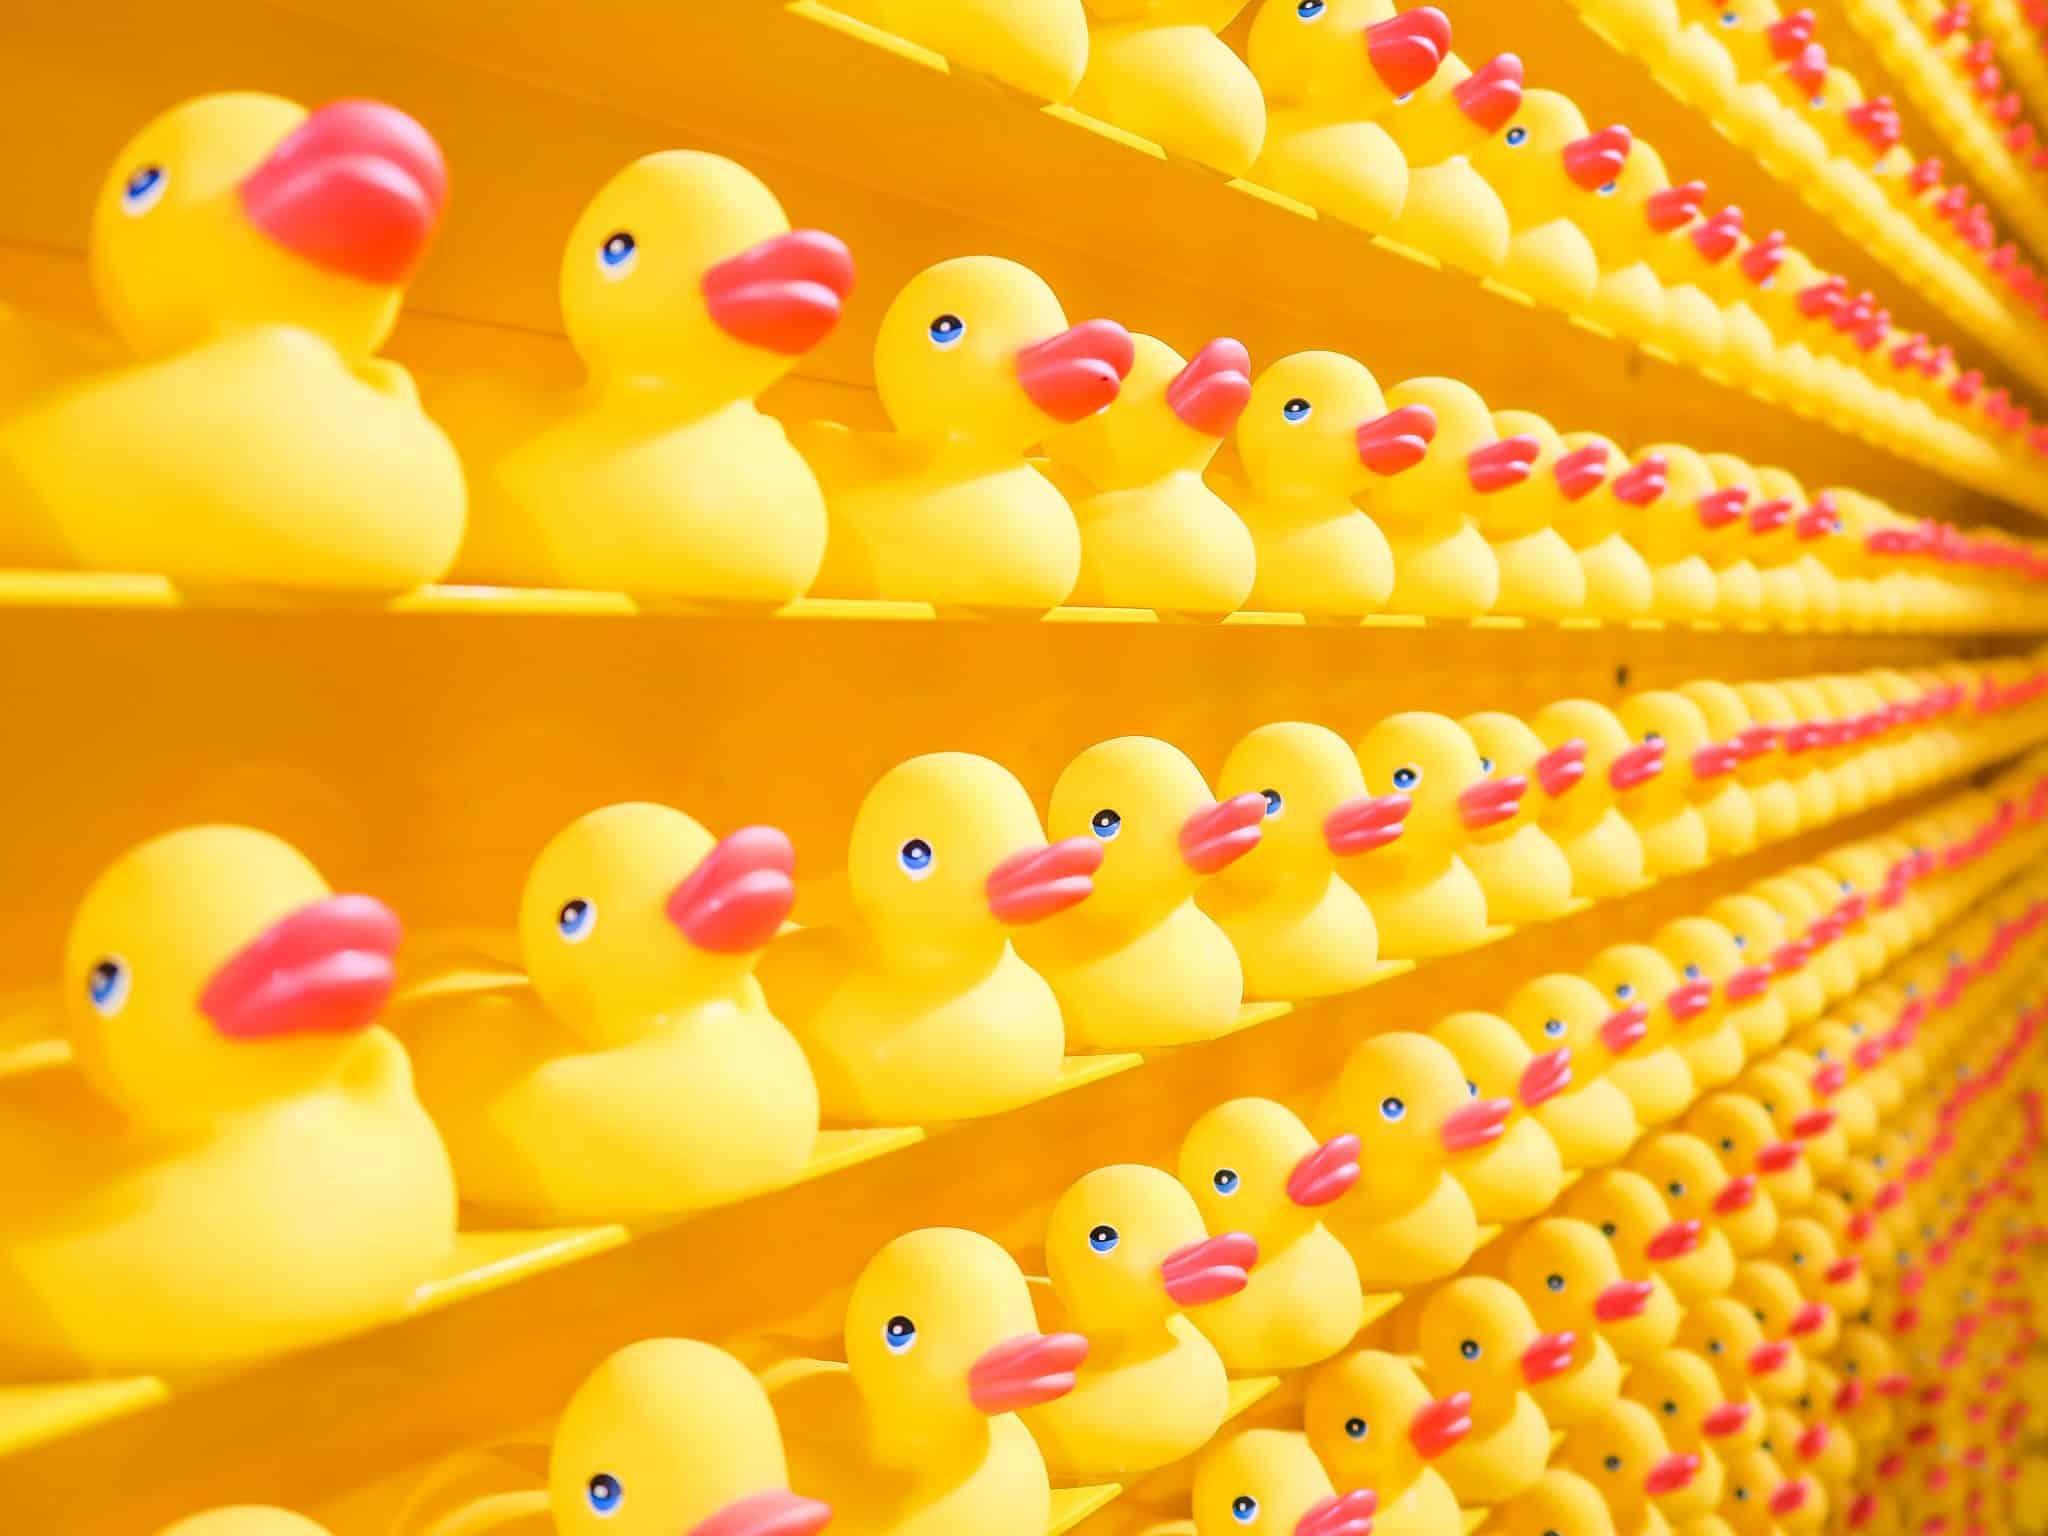 Get your ducks in row.